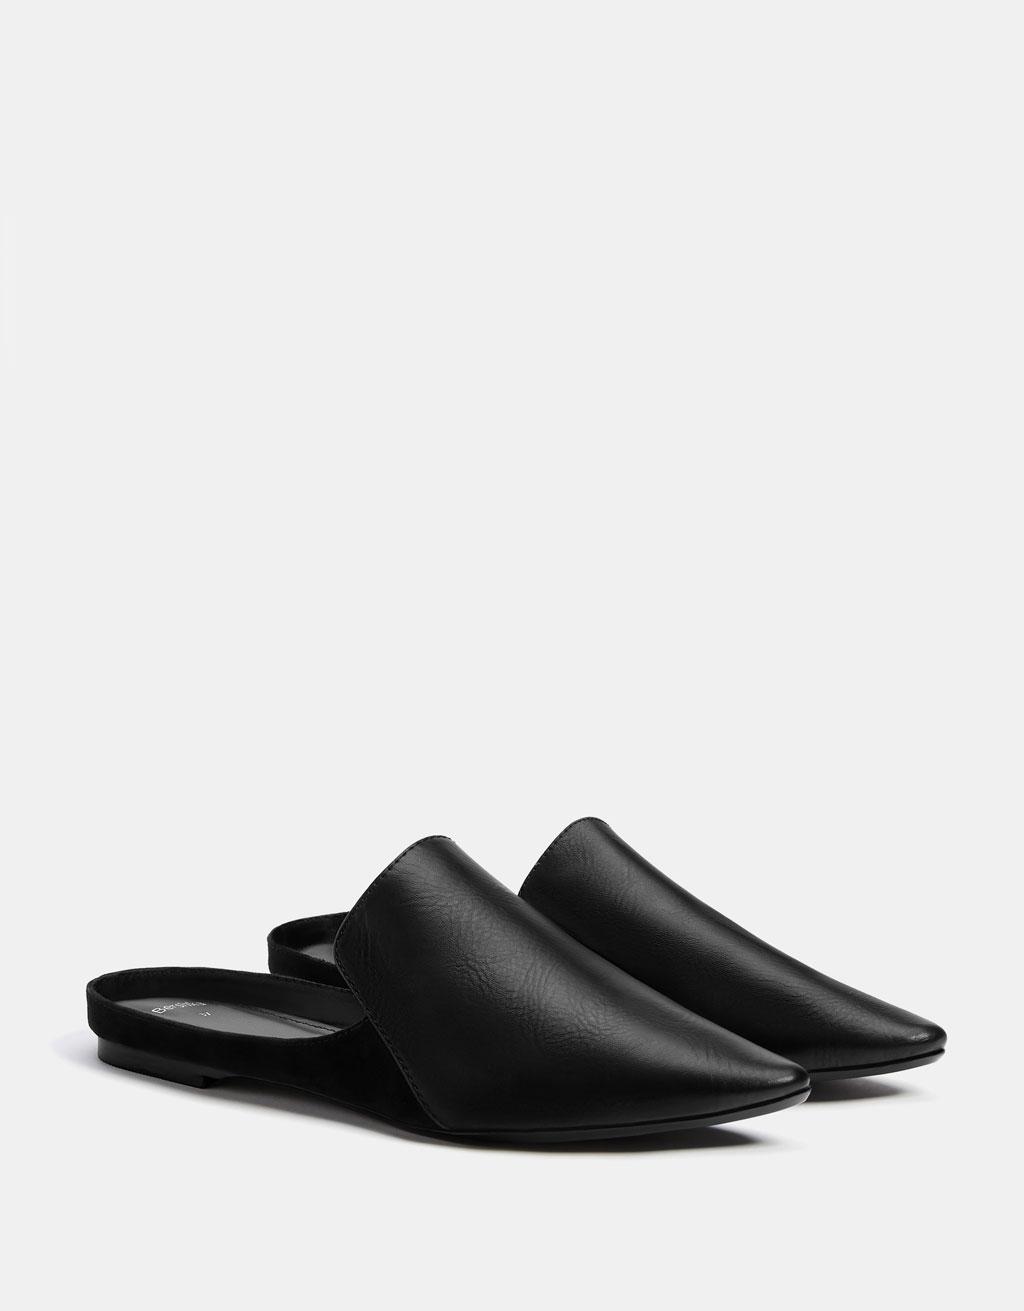 Bezpapēžu kurpes bez kapes